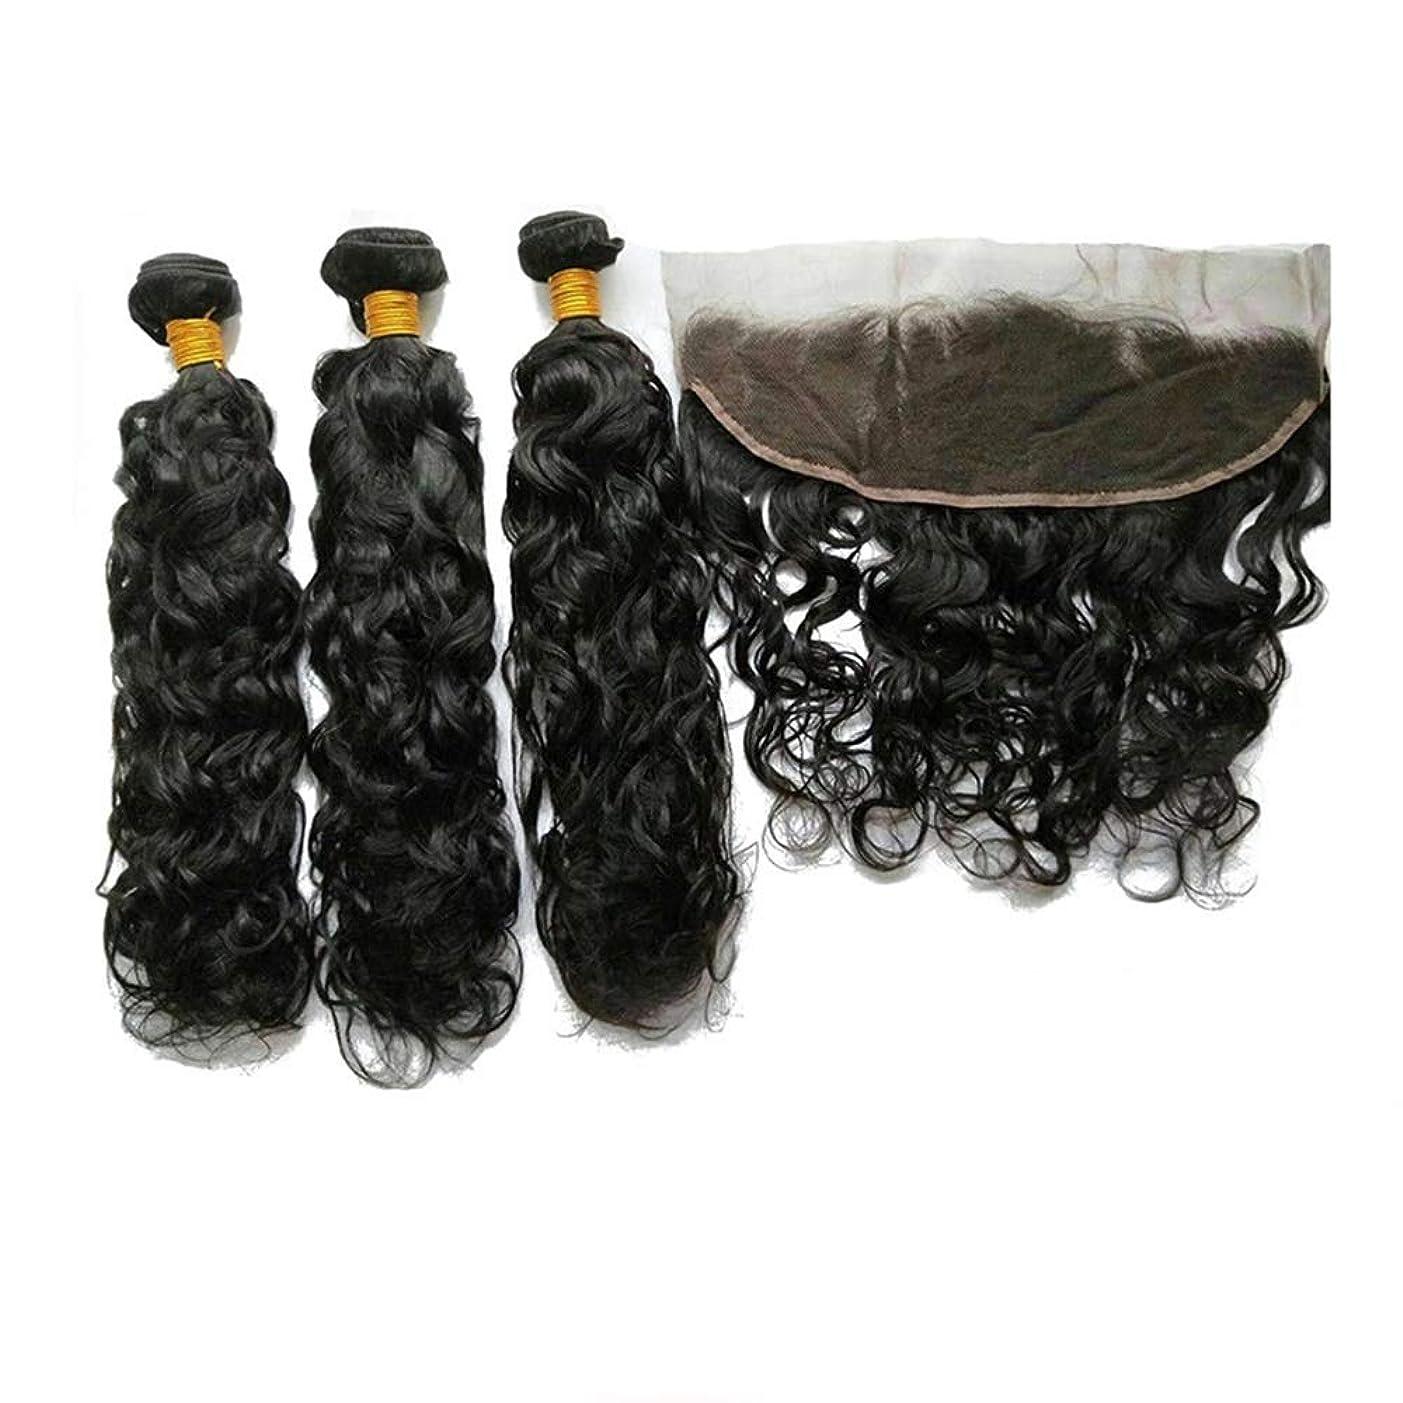 技術者種類道徳Yrattary 黒髪の長い髪のない髪のない髪の拡張子を染めることができますかつらNarural Wave合成ヘアレースかつらロールプレイングかつら (色 : 黒, サイズ : 18 inch)